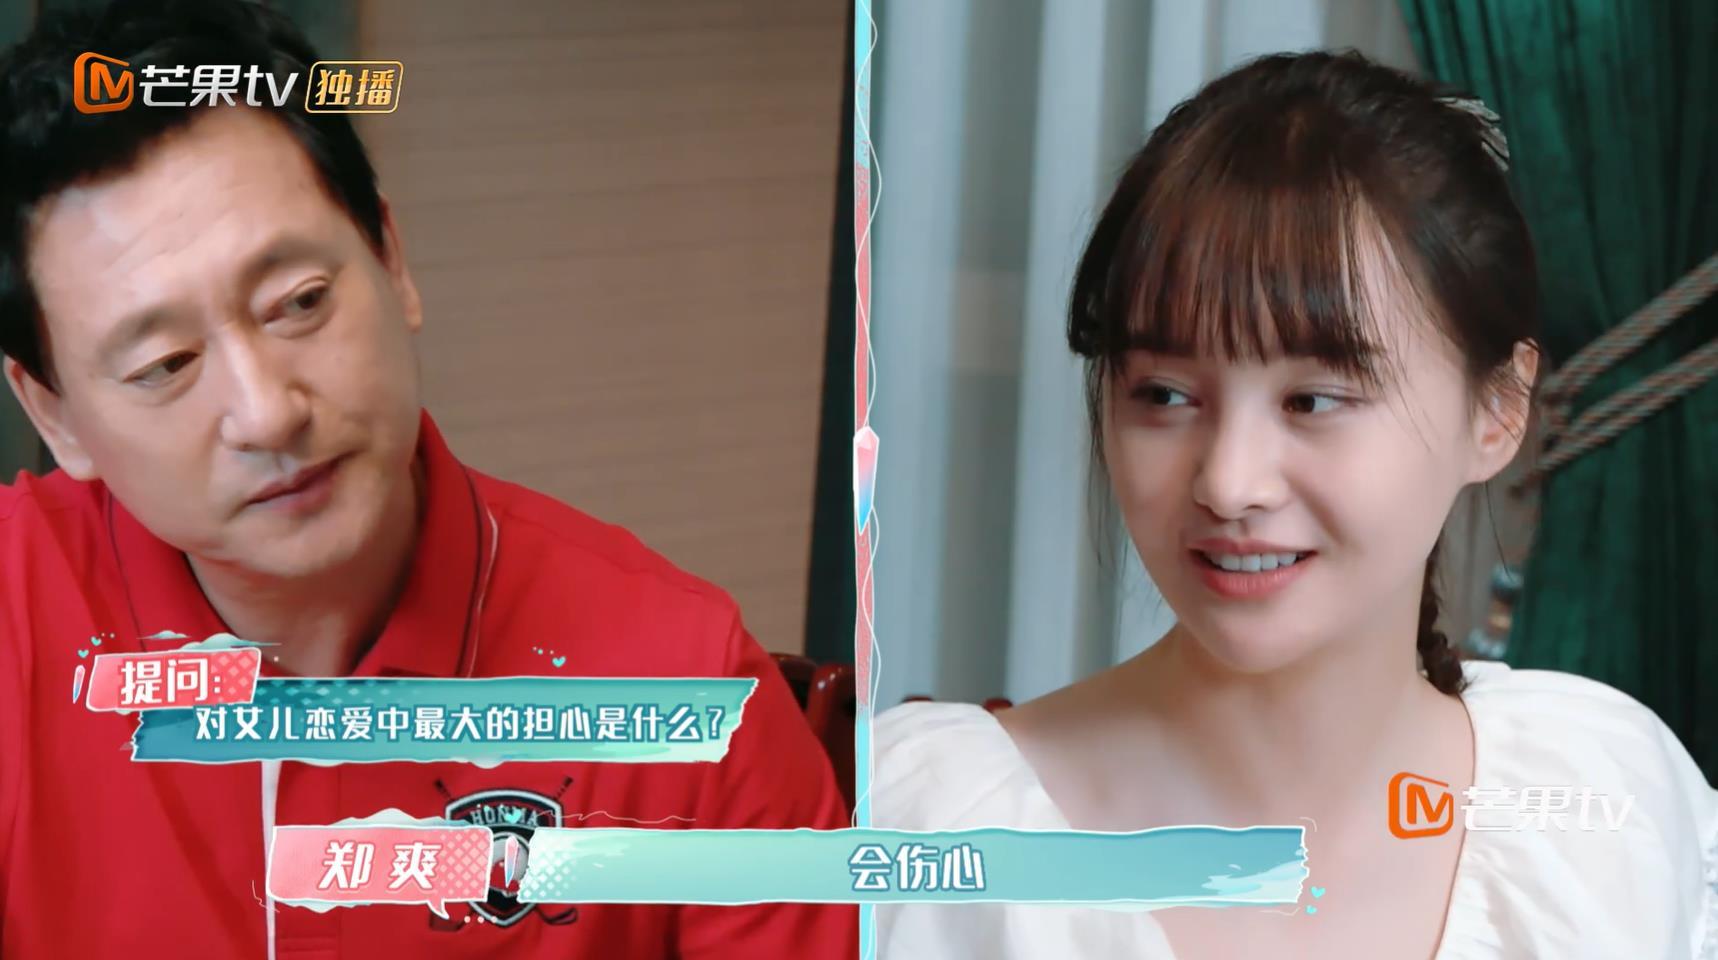 《女儿2》陈乔恩表白爸爸称心疼 徐璐爸爸不舍女儿恋爱